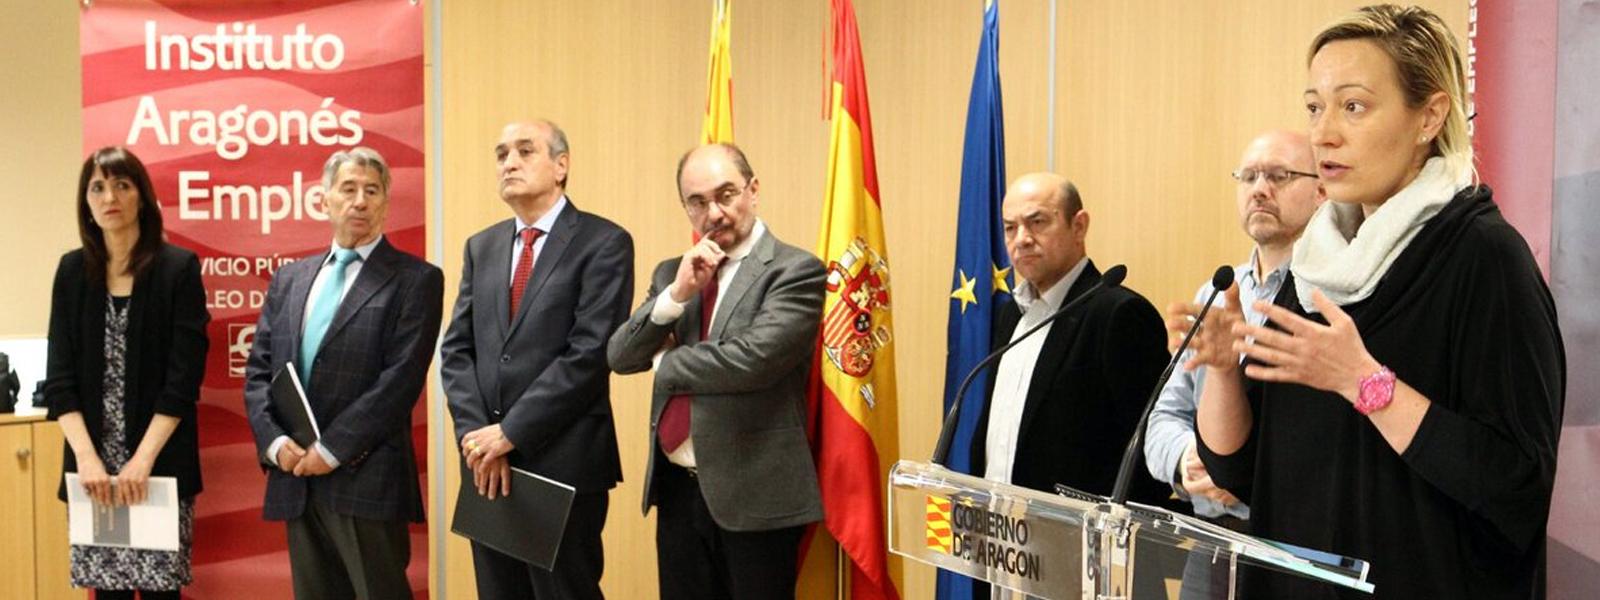 Presentación del Plan Aragonés para la Mejora de la Empleabilidad Joven 2018-2020